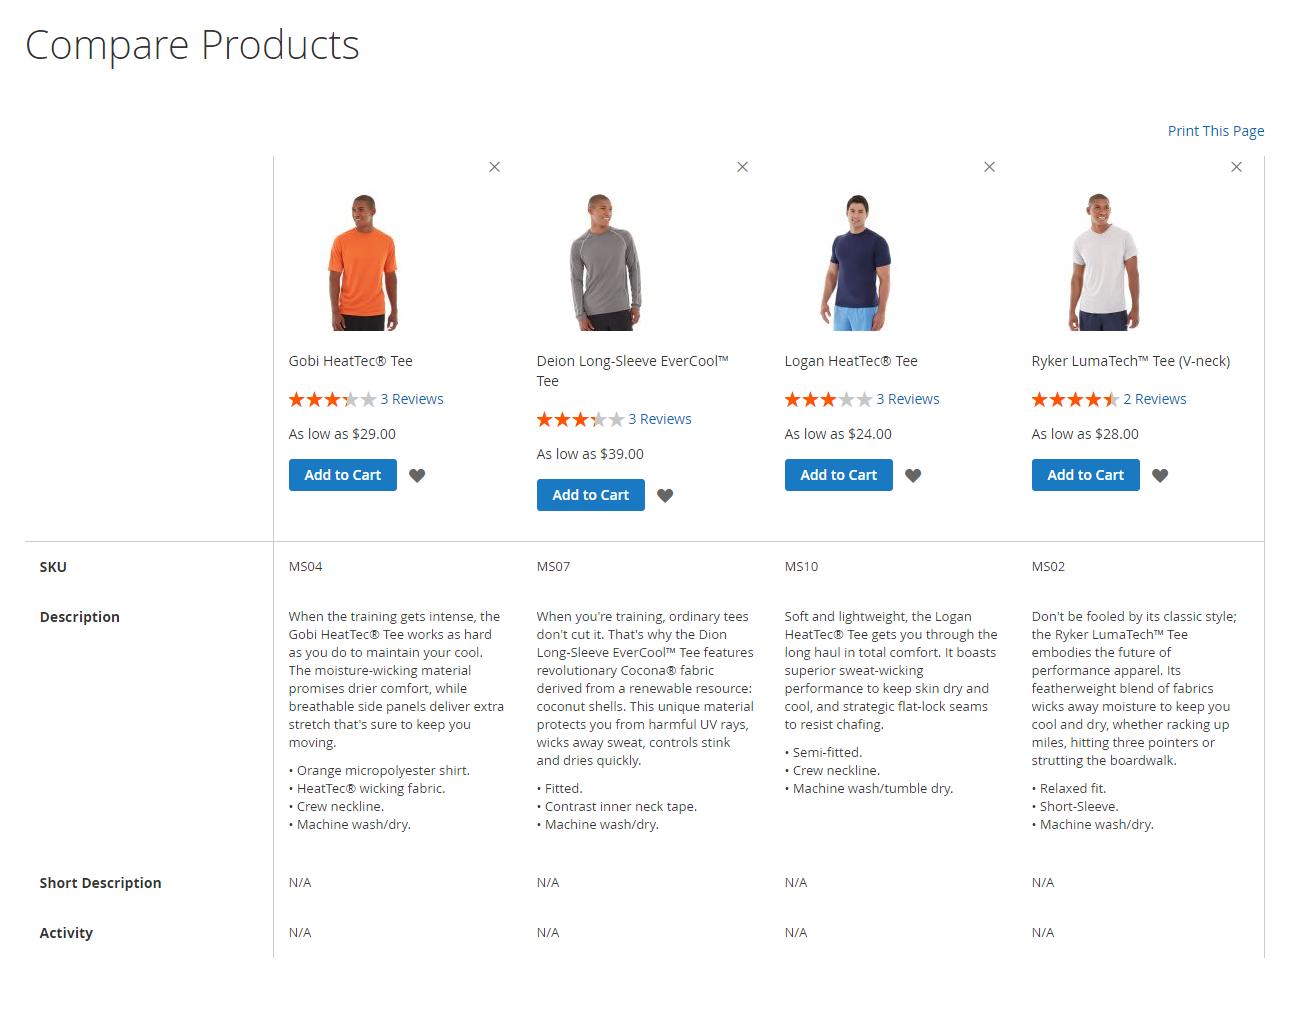 Obrázek: Stránka s porovnávanými produkty v Magento2. (comparison list)